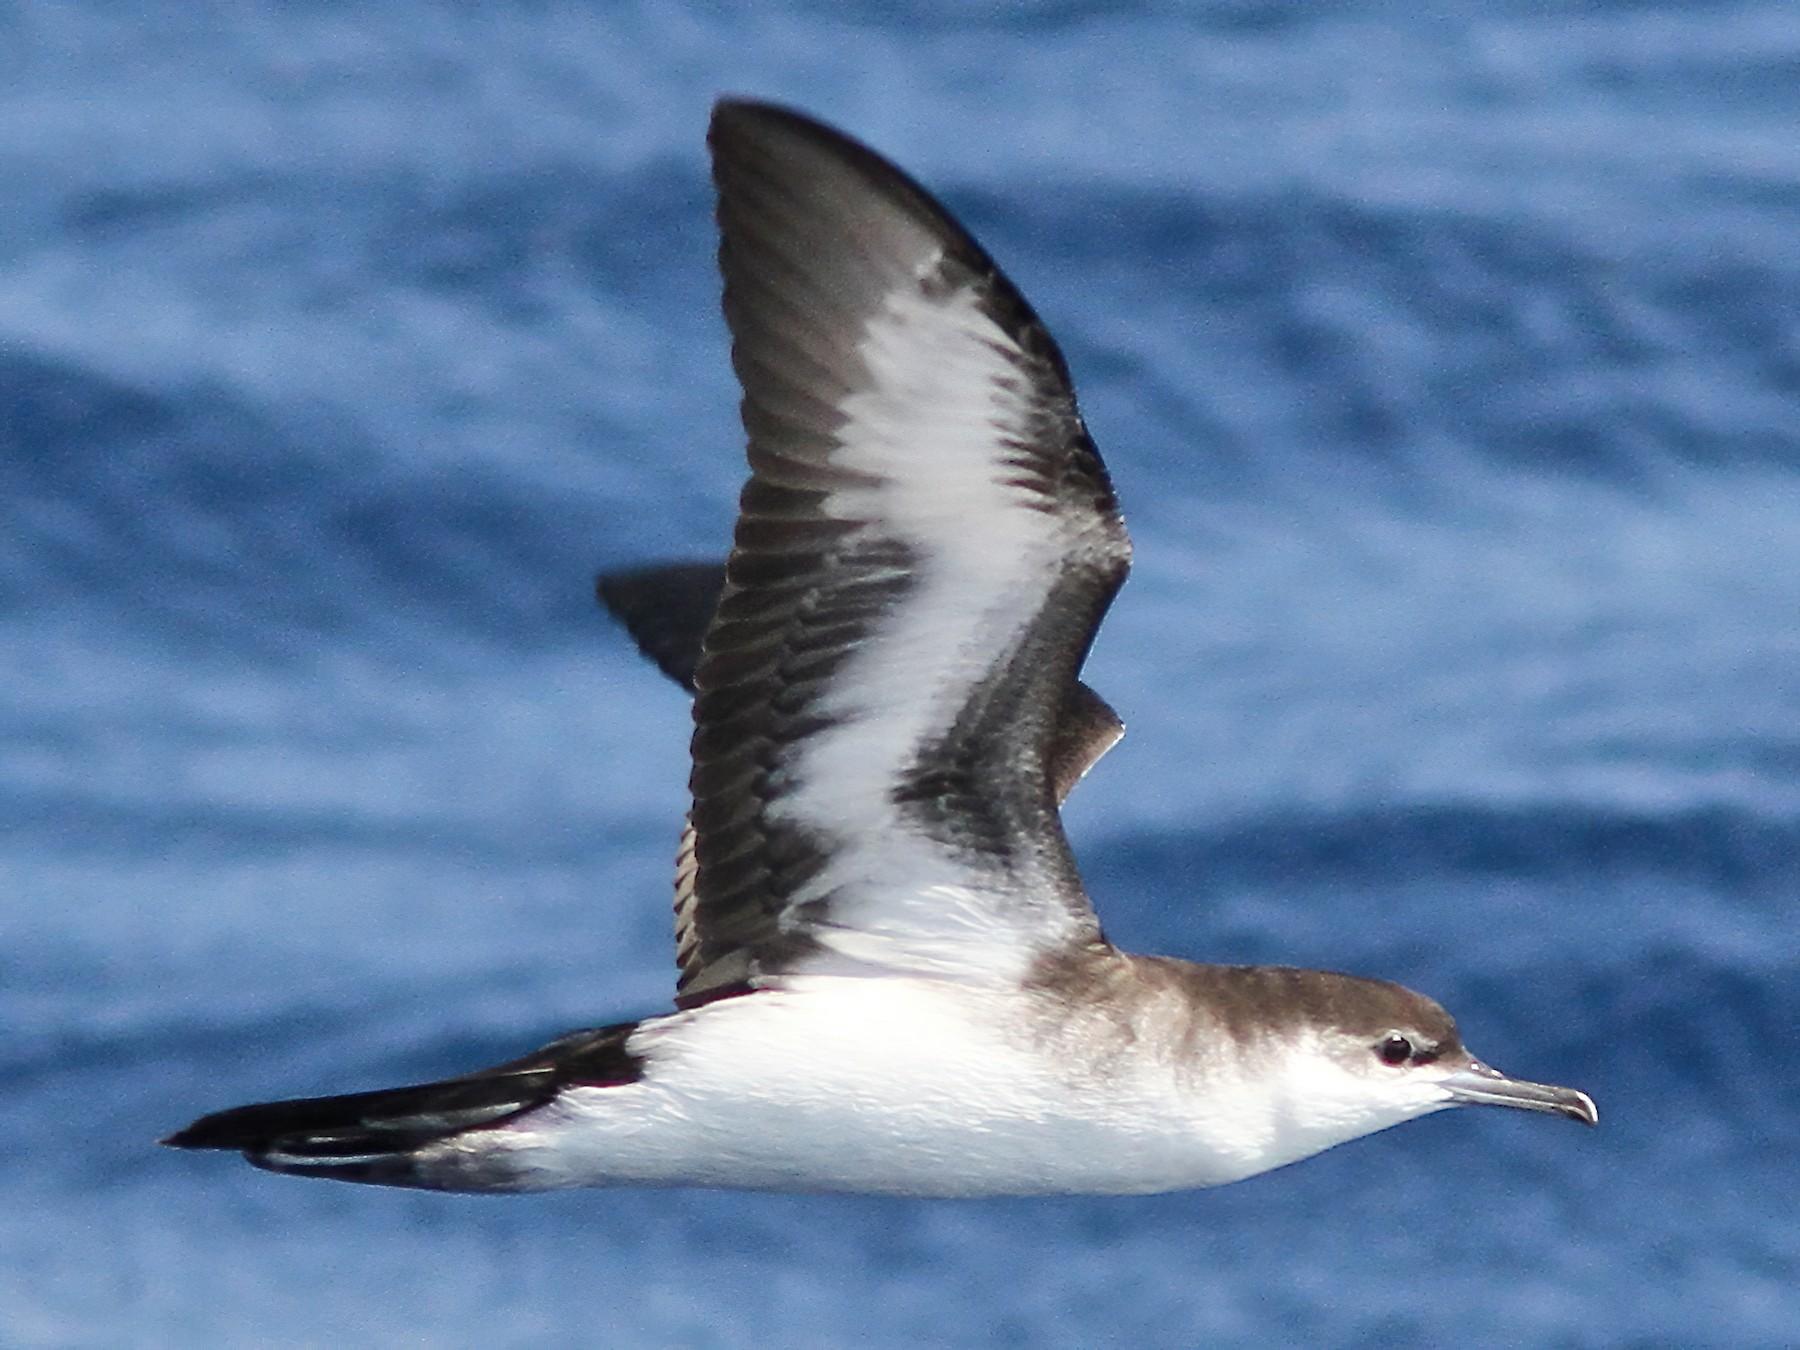 Audubon's Shearwater - Holly Merker